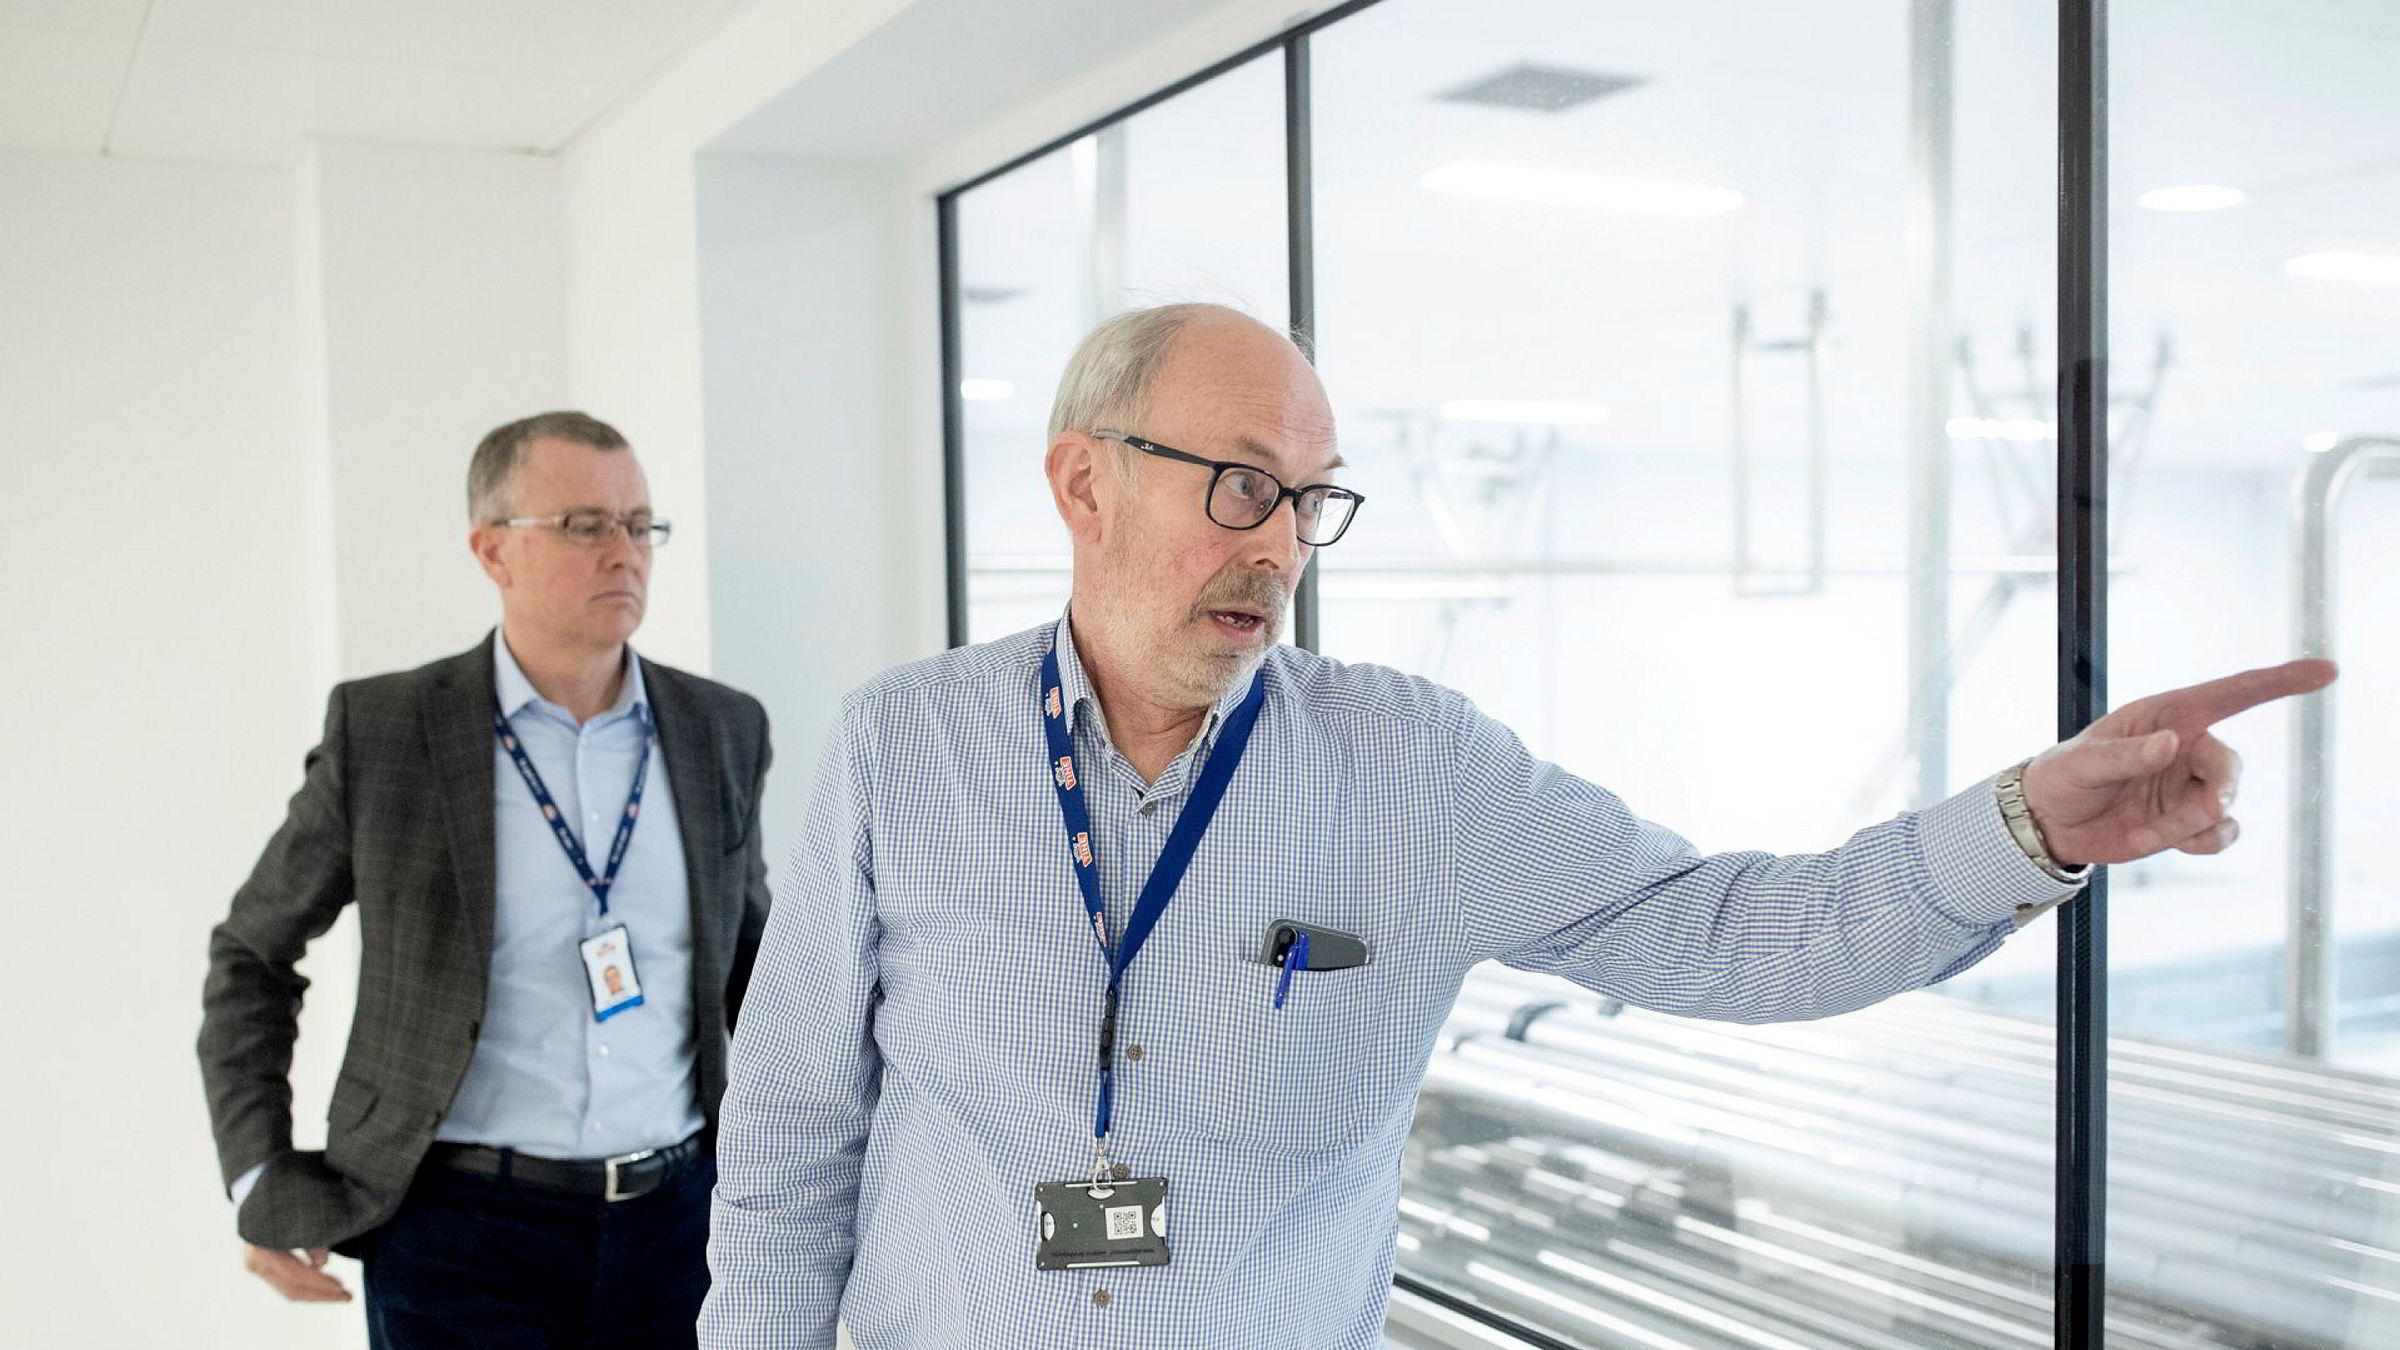 På den nye Tine-fabrikken utenfor den irske byen Cork, har koronaviruset skapt nye komplikasjoner. Her er prosjektleder Halvor Rognstad (til høyre) og Tines konserndirektør for produksjon Per Ivar Berg i fabrikken som inntil videre er i en testfase.